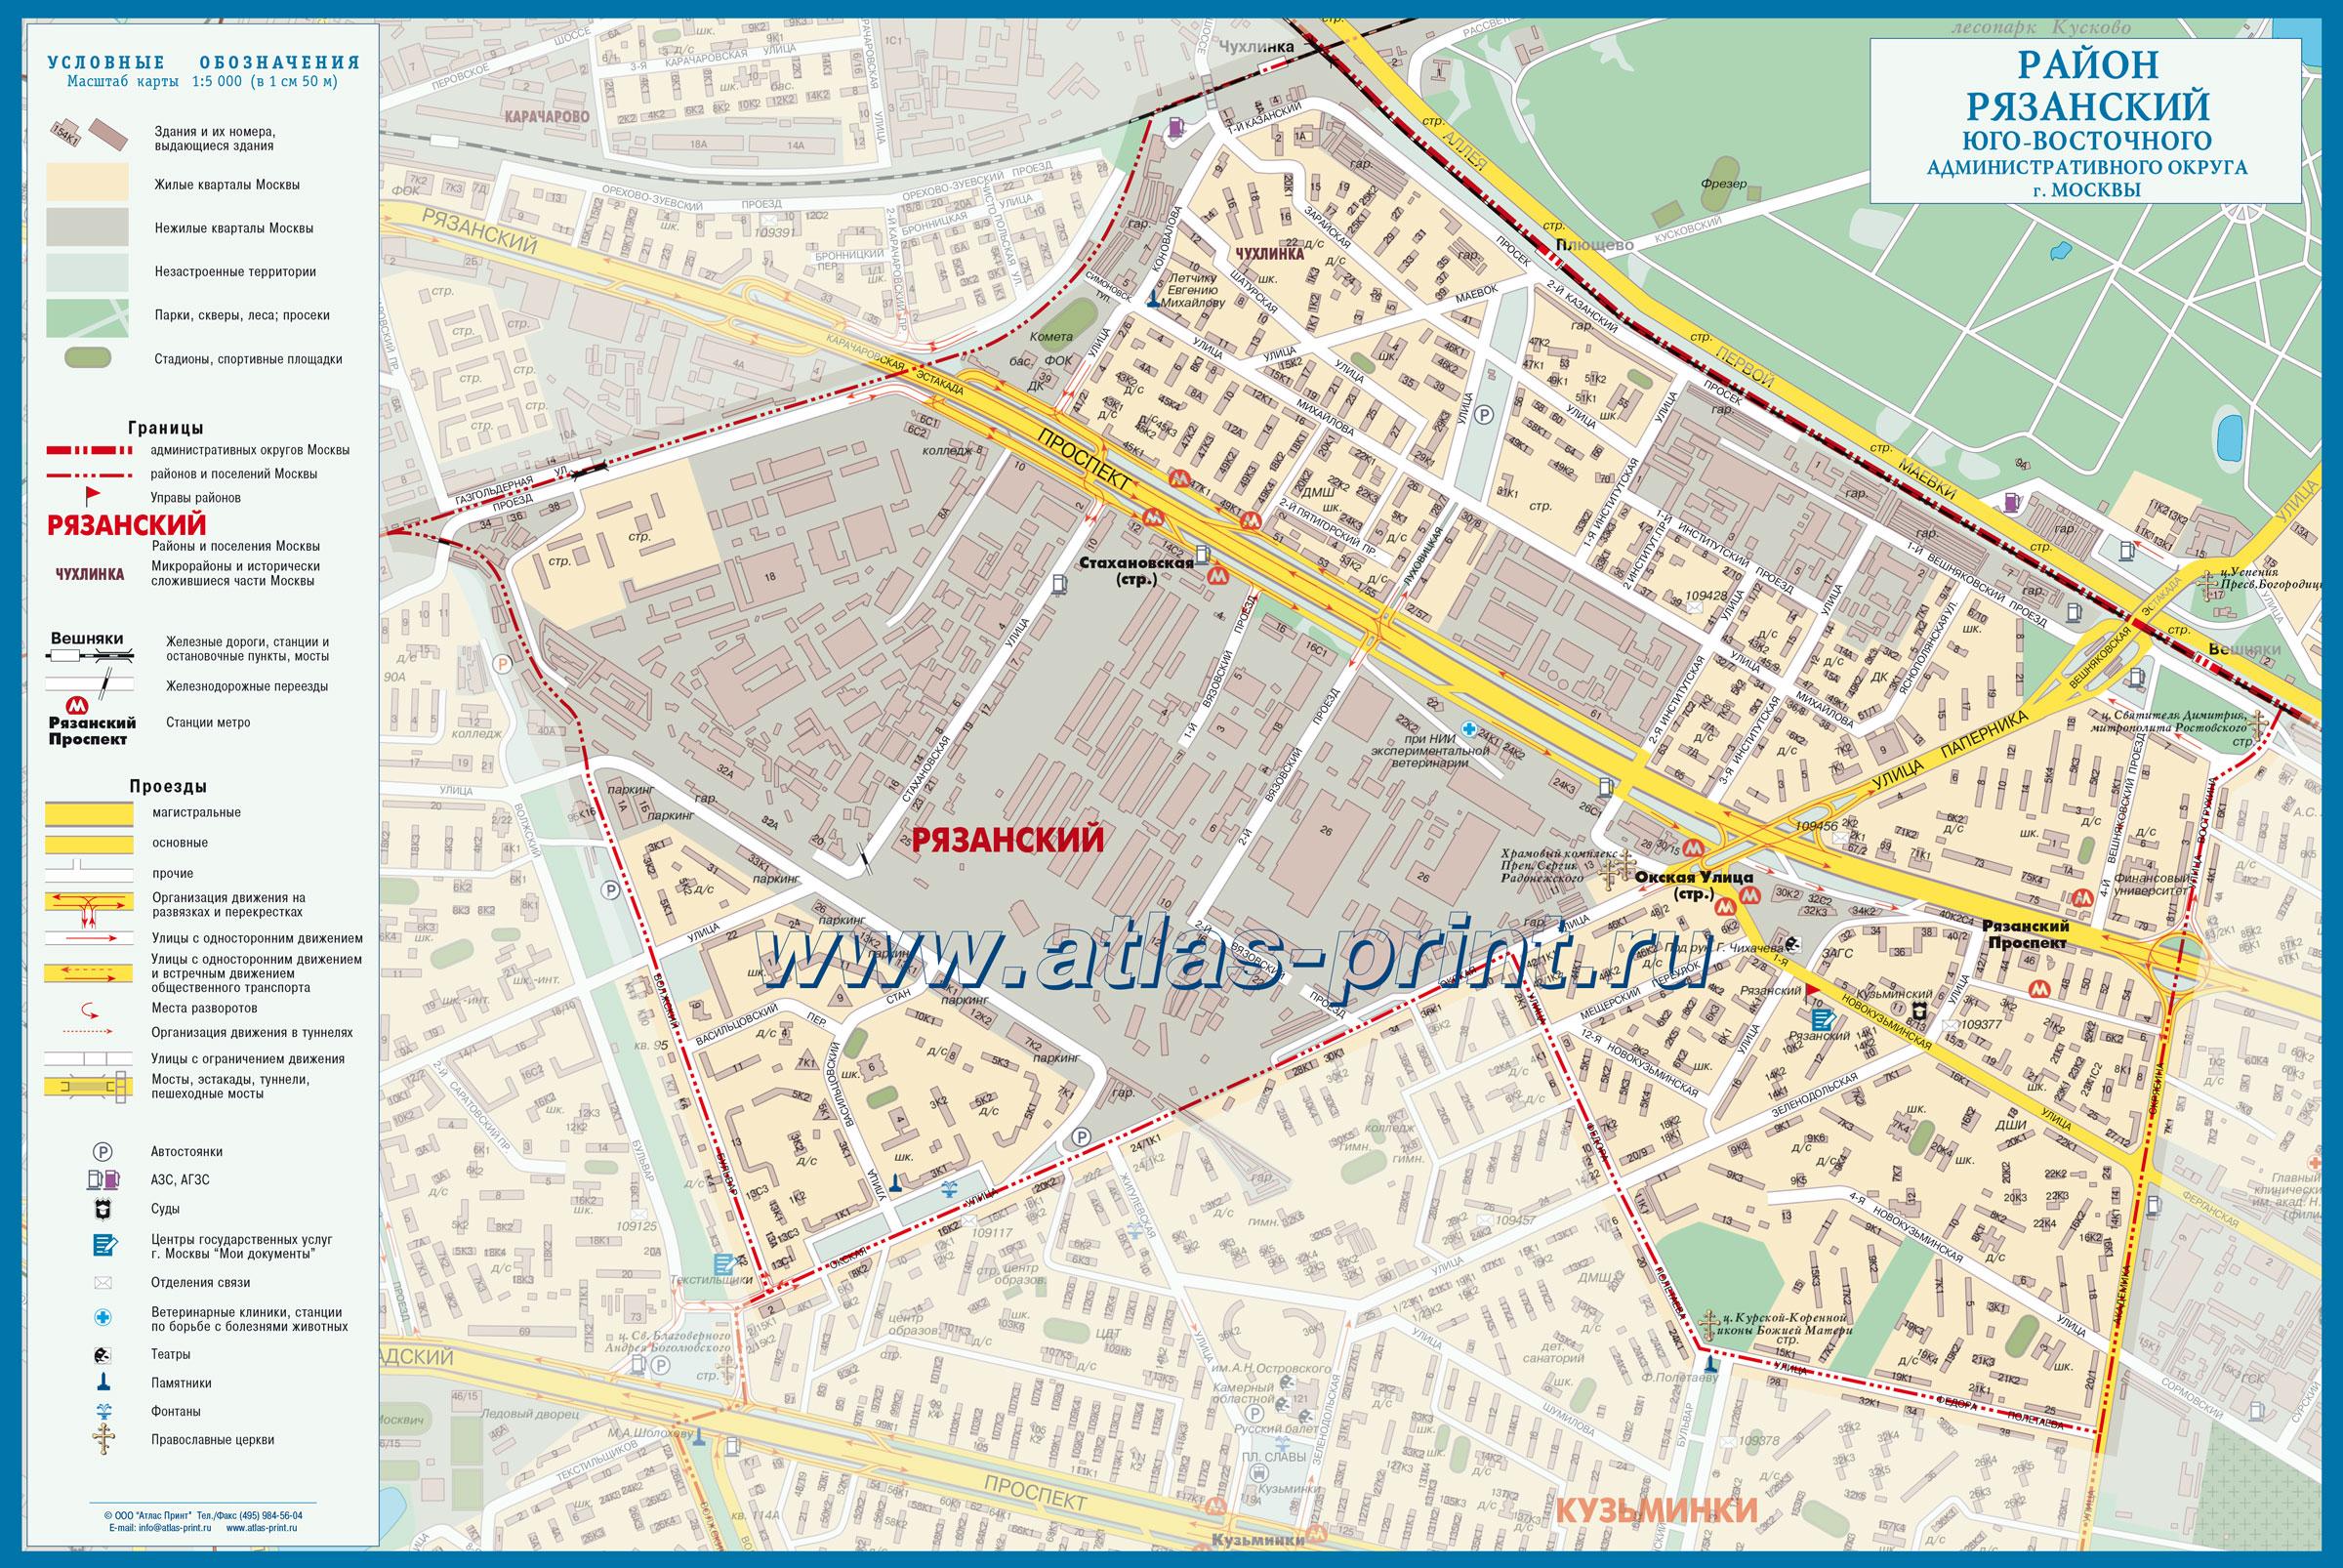 Настенная карта района РЯЗАНСКИЙ (ЮВАО)  г. Москвы 1,00*0,67 м, ламинированная